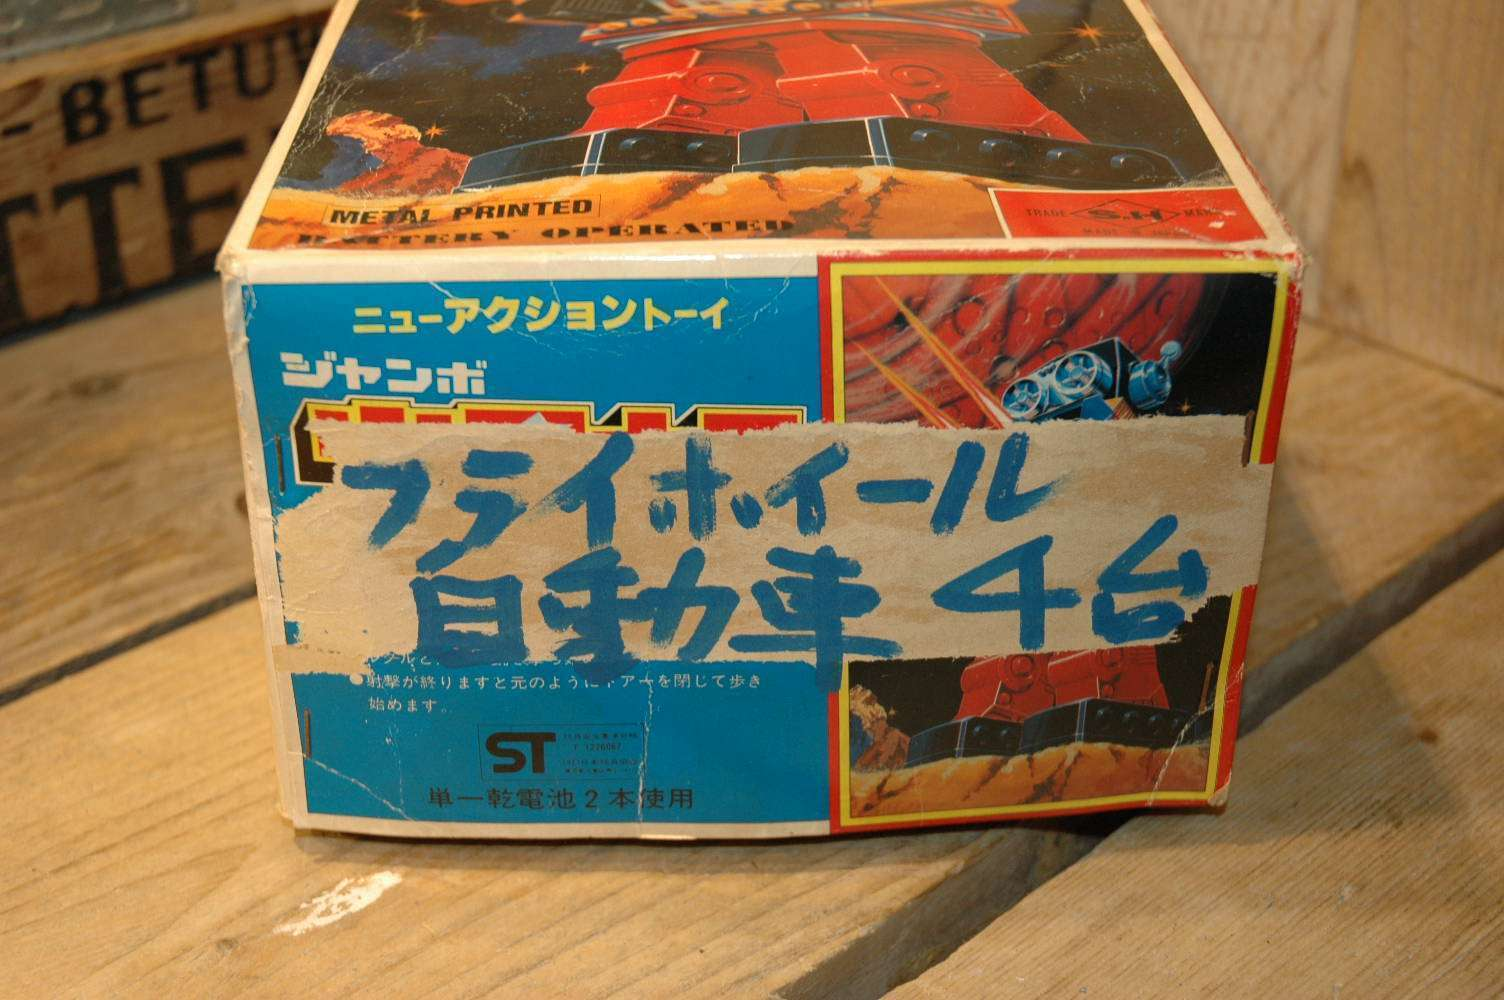 Marumiya / Horikawa - Super Robot Prototype